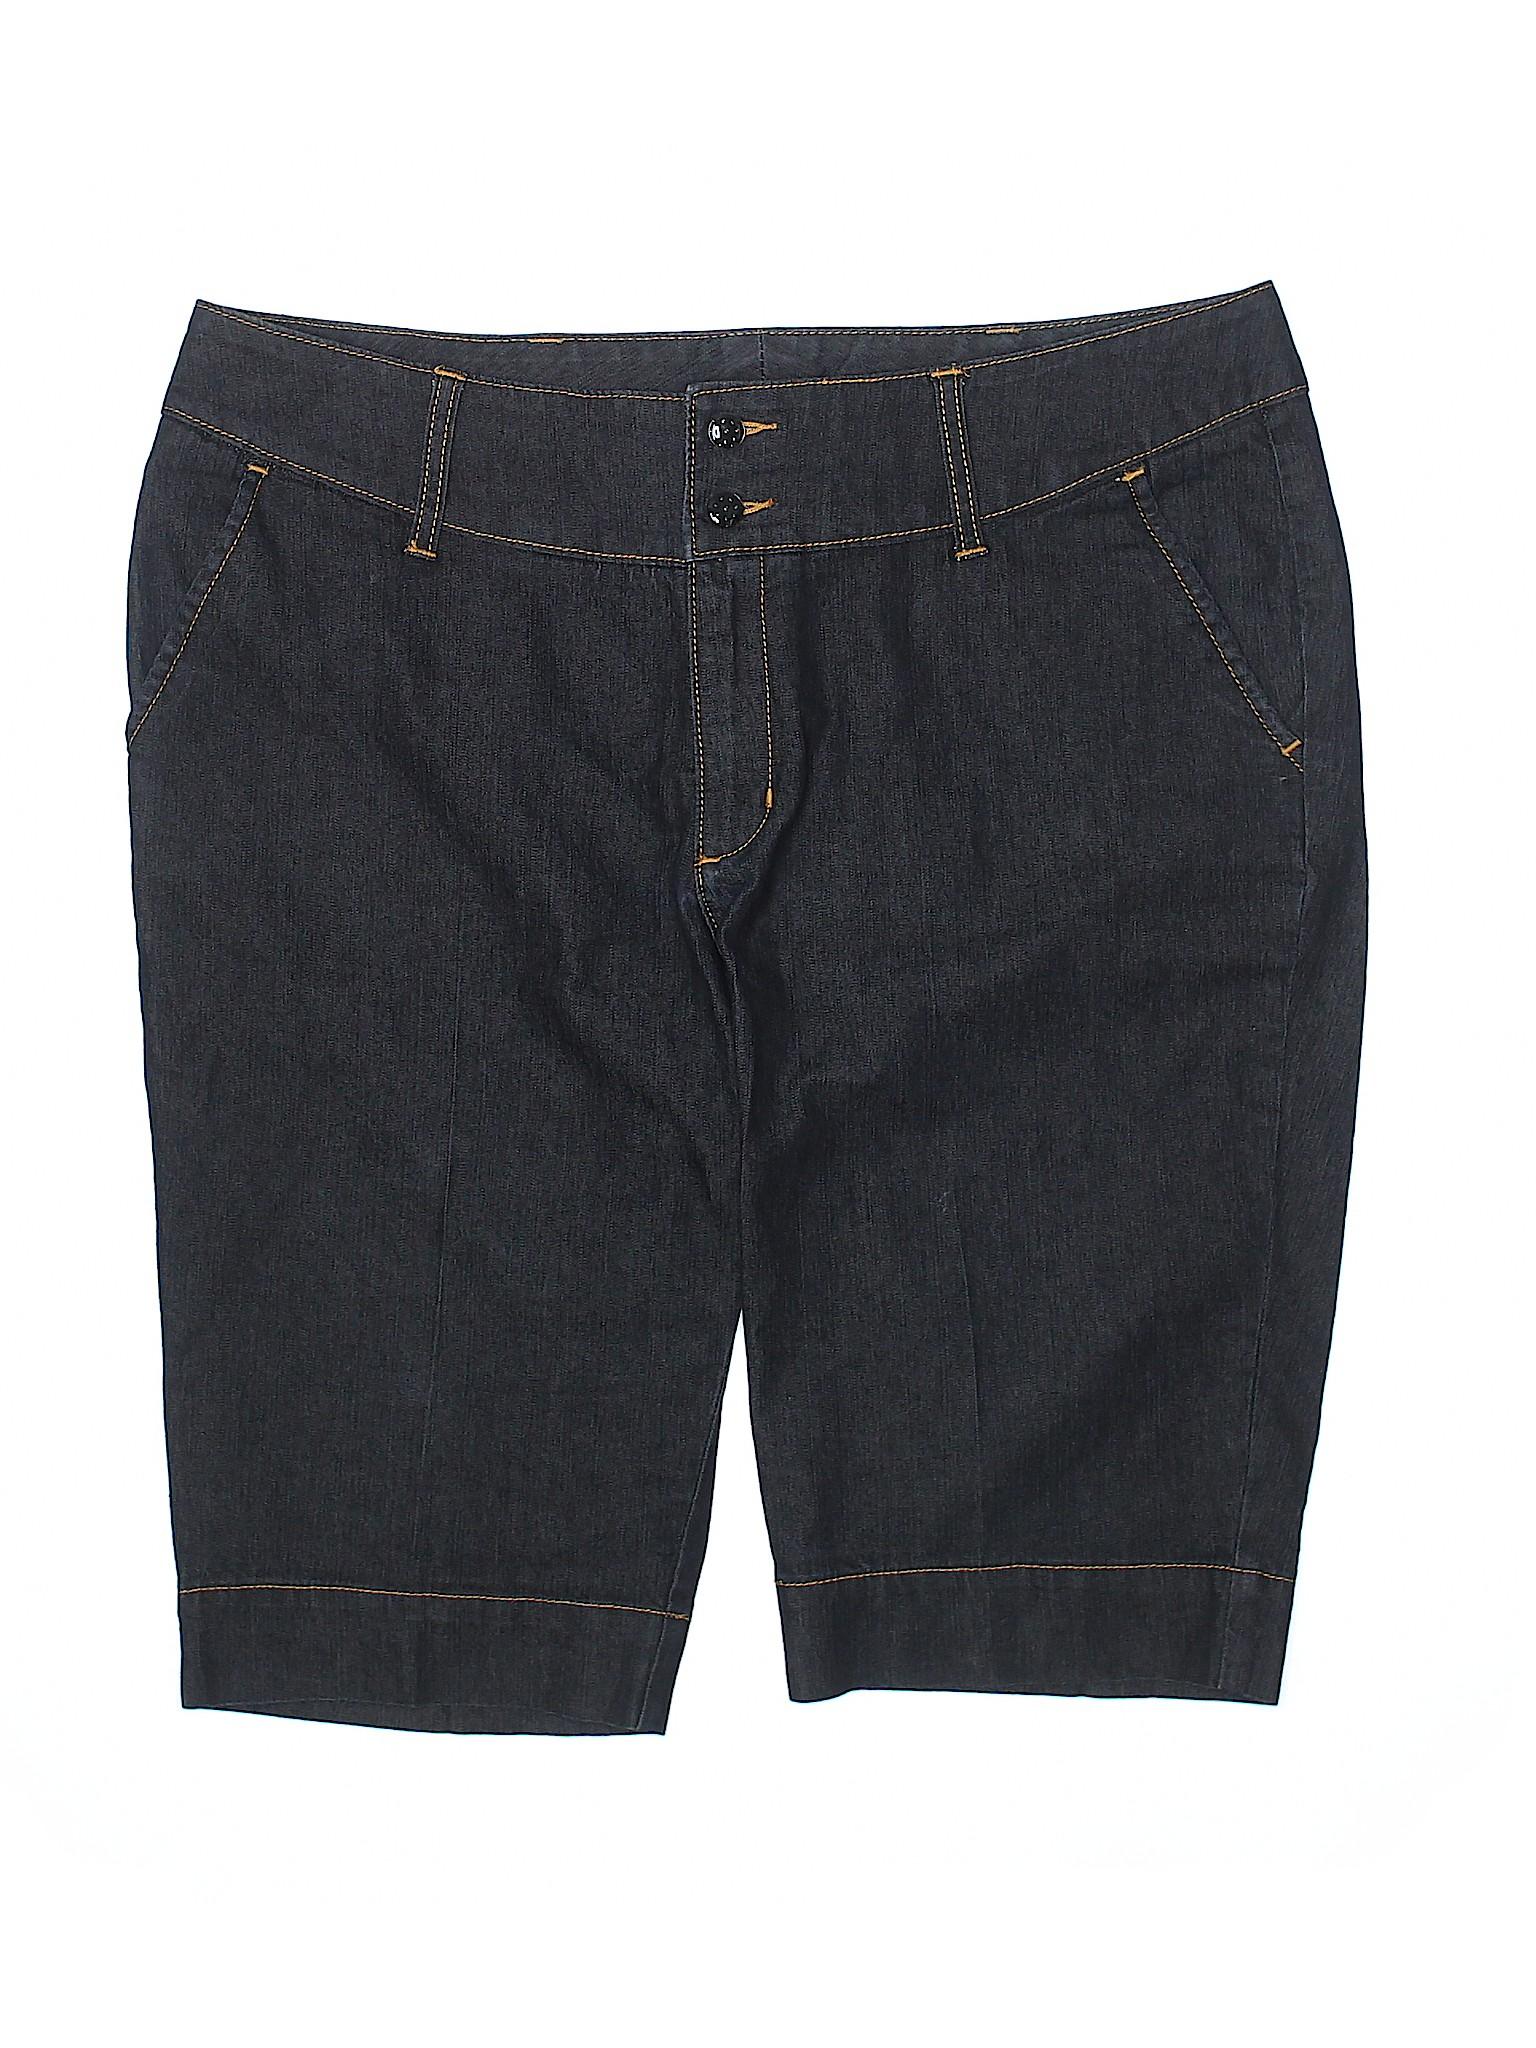 Denim Boutique Bisou Shorts Boutique Bisou Bisou W8SYnRz